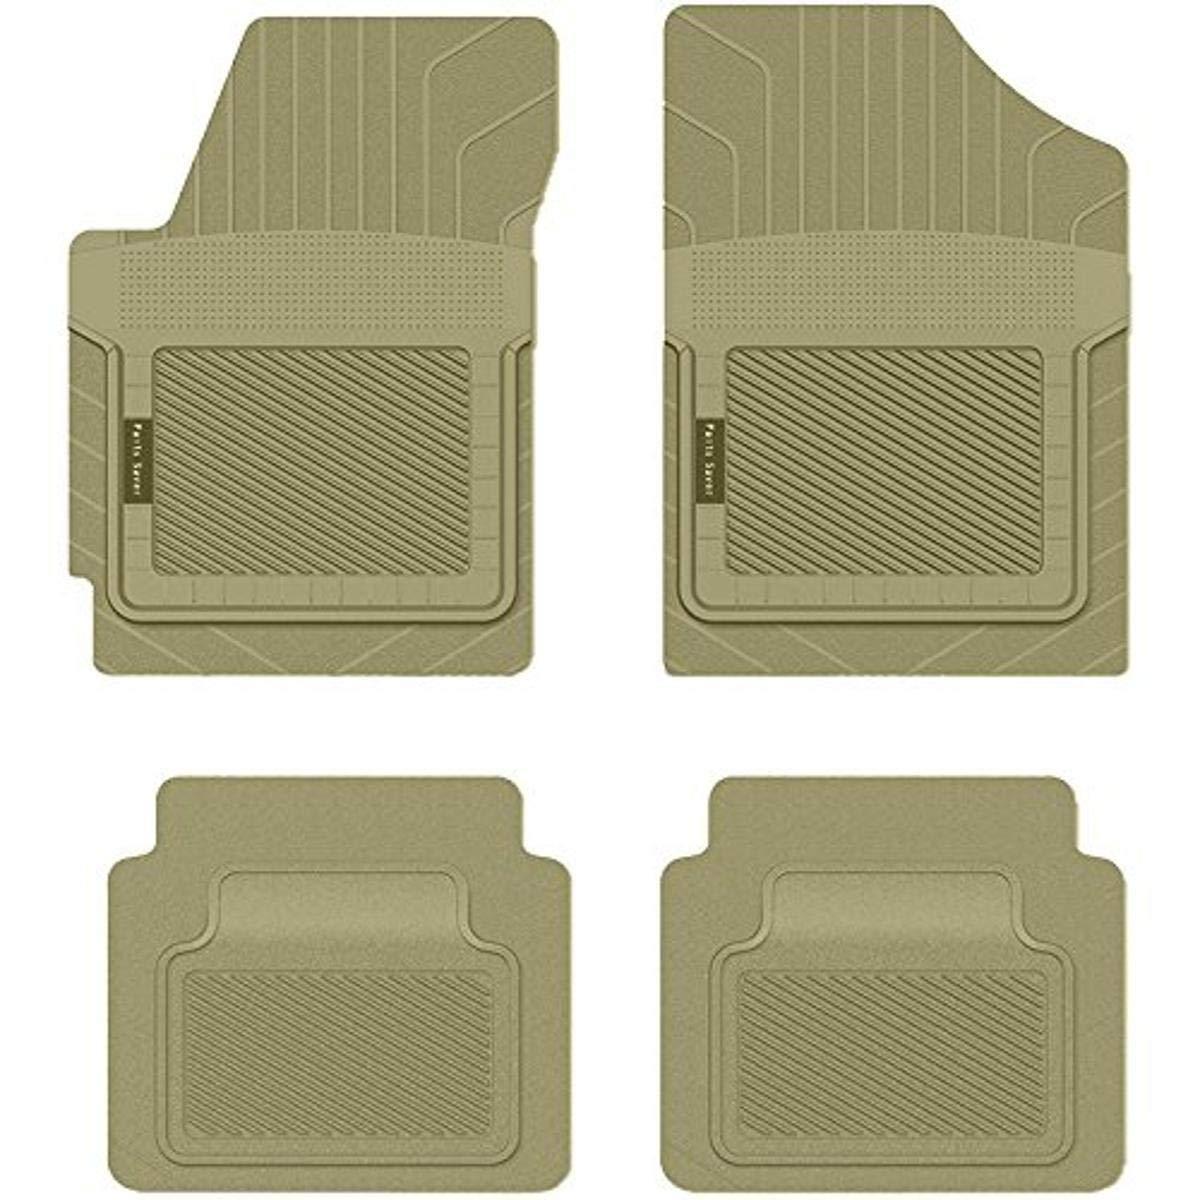 Custom Fit Car Mat 4PC PantsSaver Tan 0815013